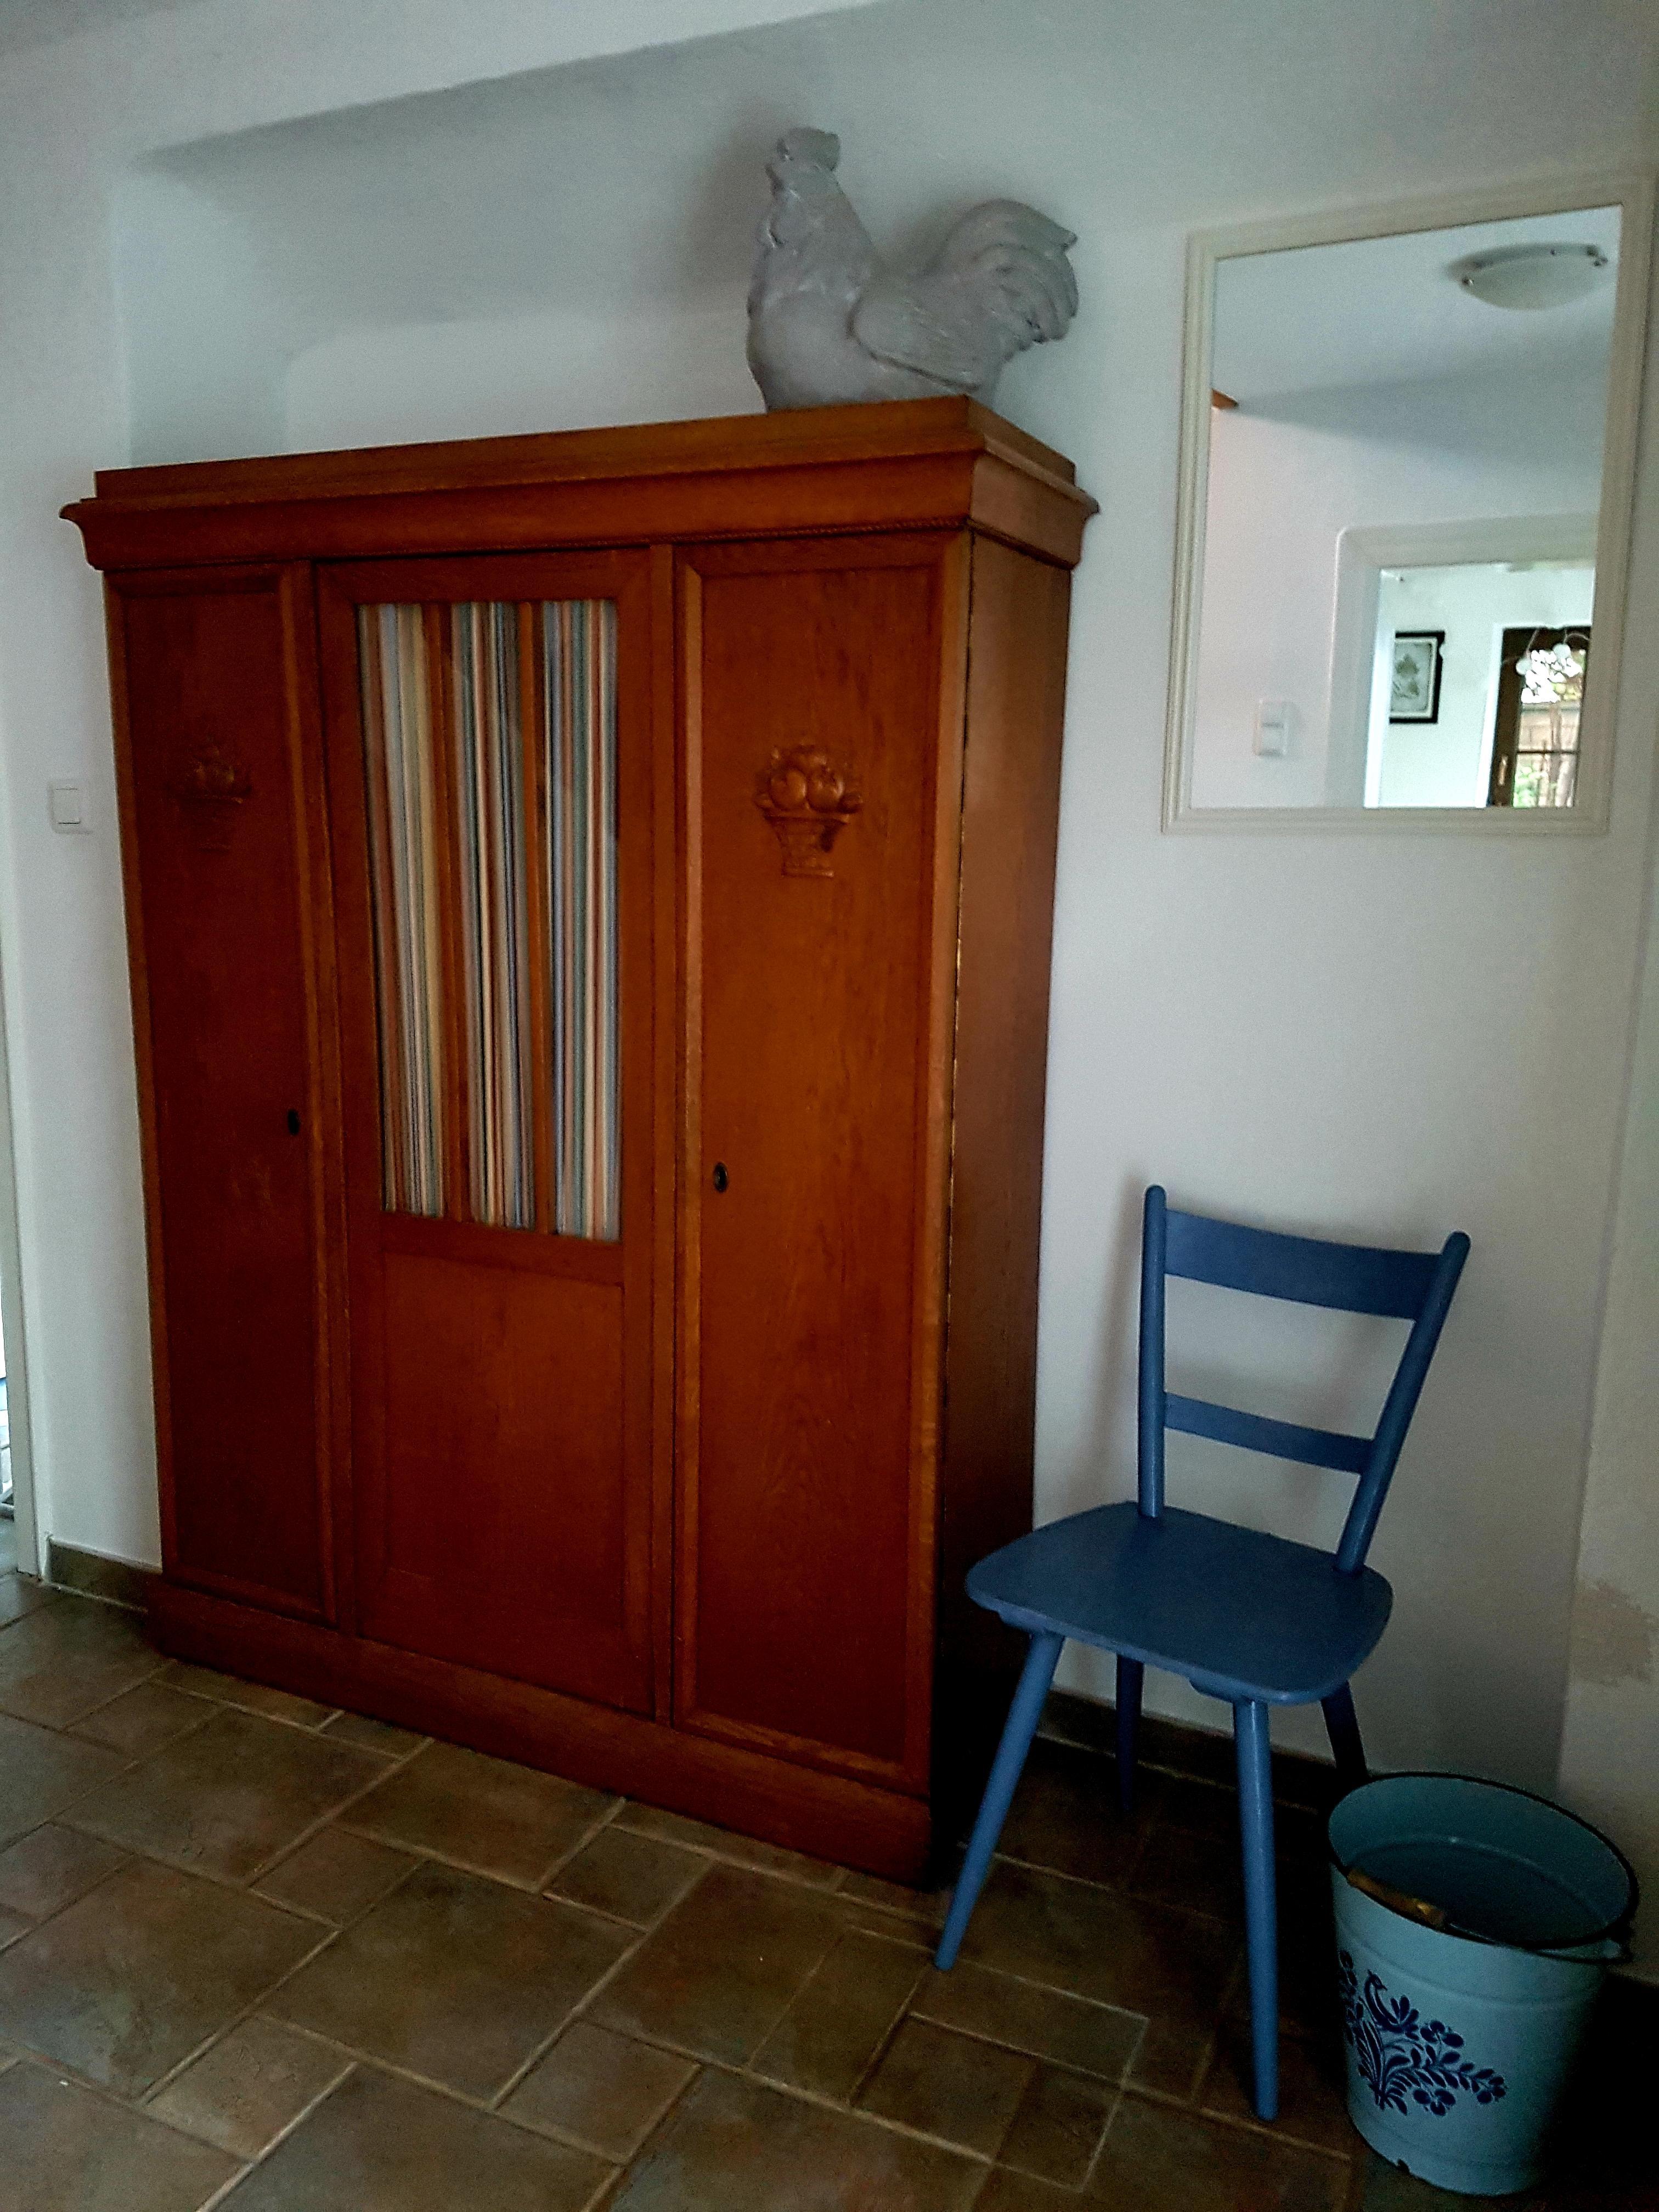 flurgestaltung einladende ideen f r den eingangsbereich. Black Bedroom Furniture Sets. Home Design Ideas